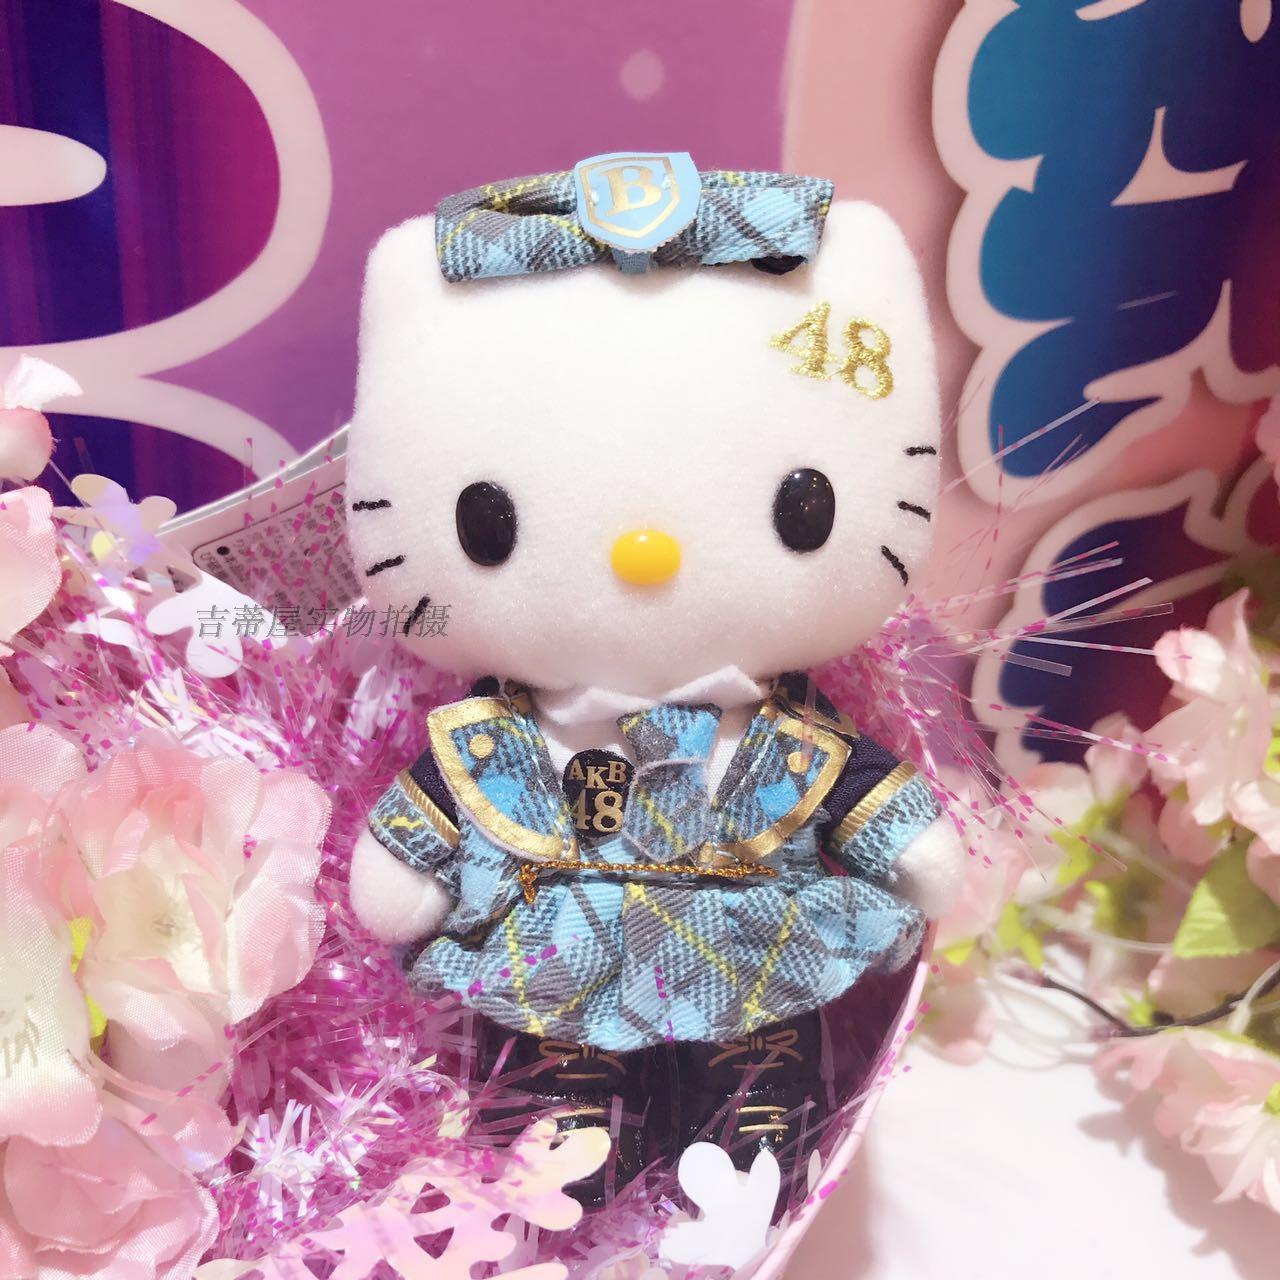 全球独家热卖日本限定版hellokitty48女郎蓝格匙扣娃娃巨可爱礼物